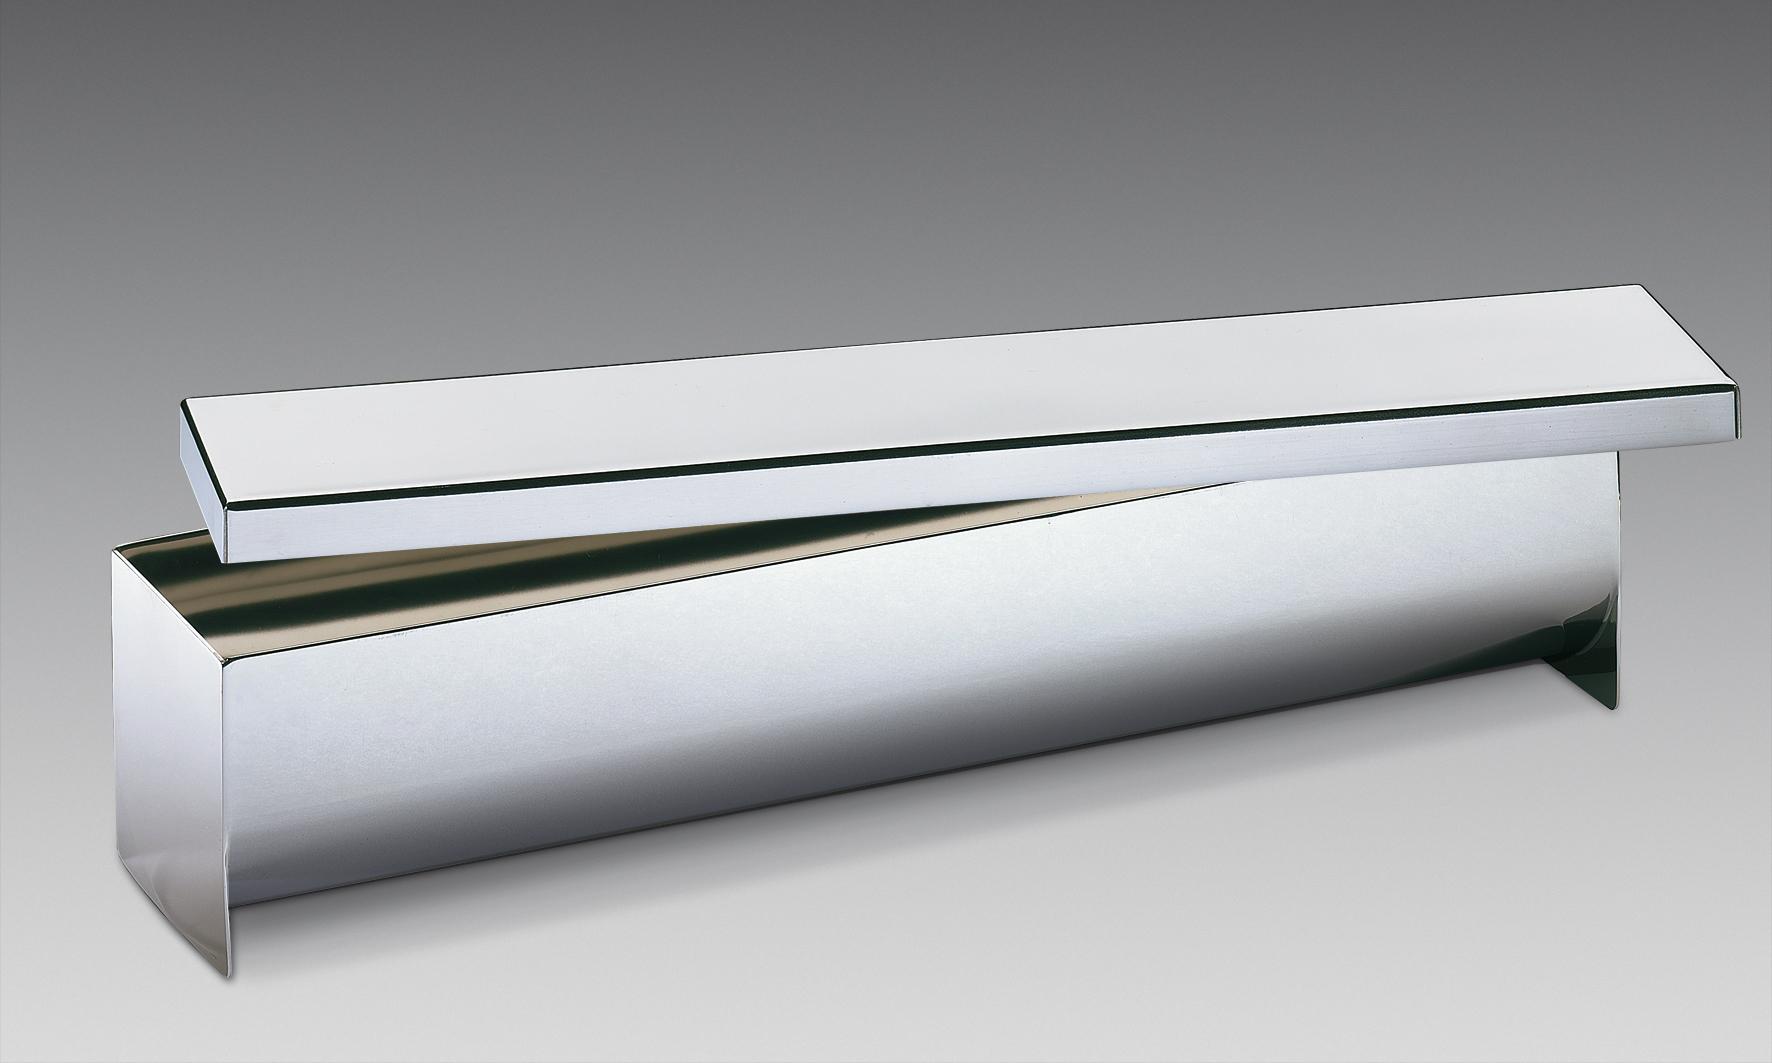 Forma na pečení hranatá nerezová 30 x 5,5 cm PROFI - Küchenprofi